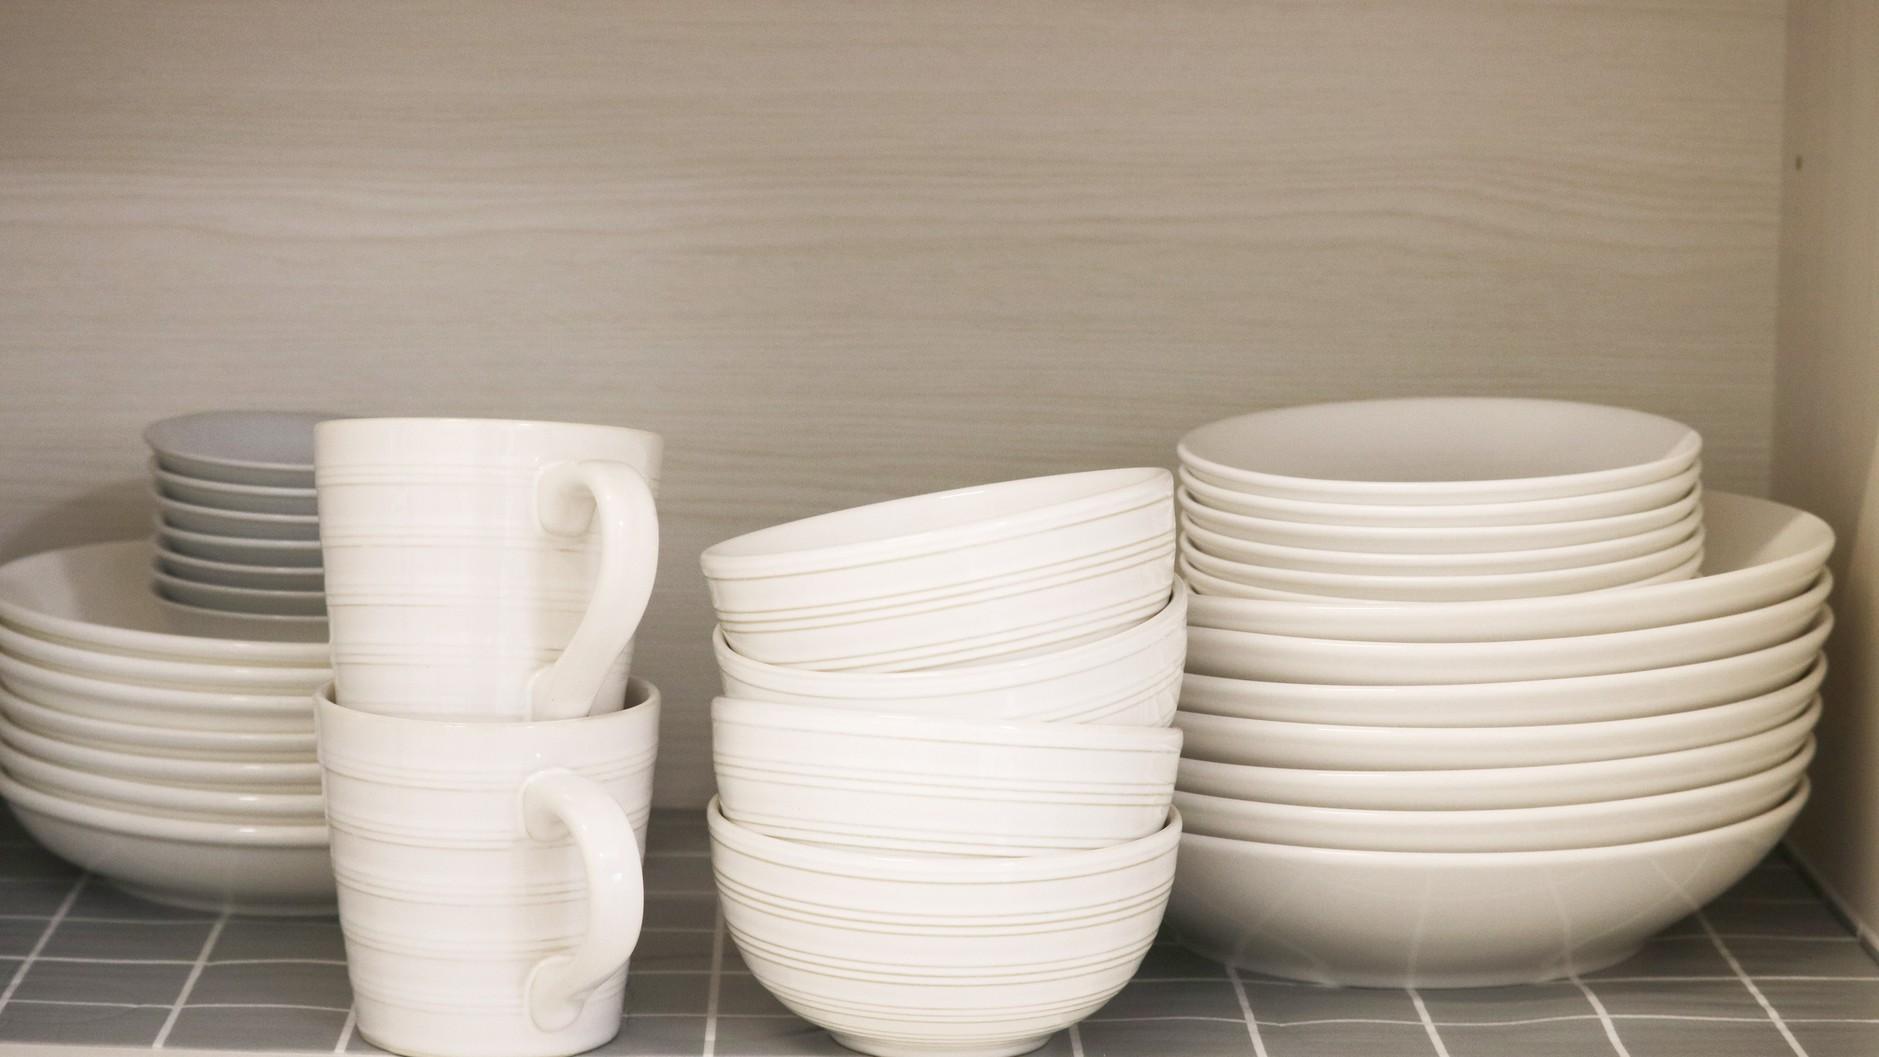 キッチン設備:フライパン鍋・調理器具・食器類をご用意しております。